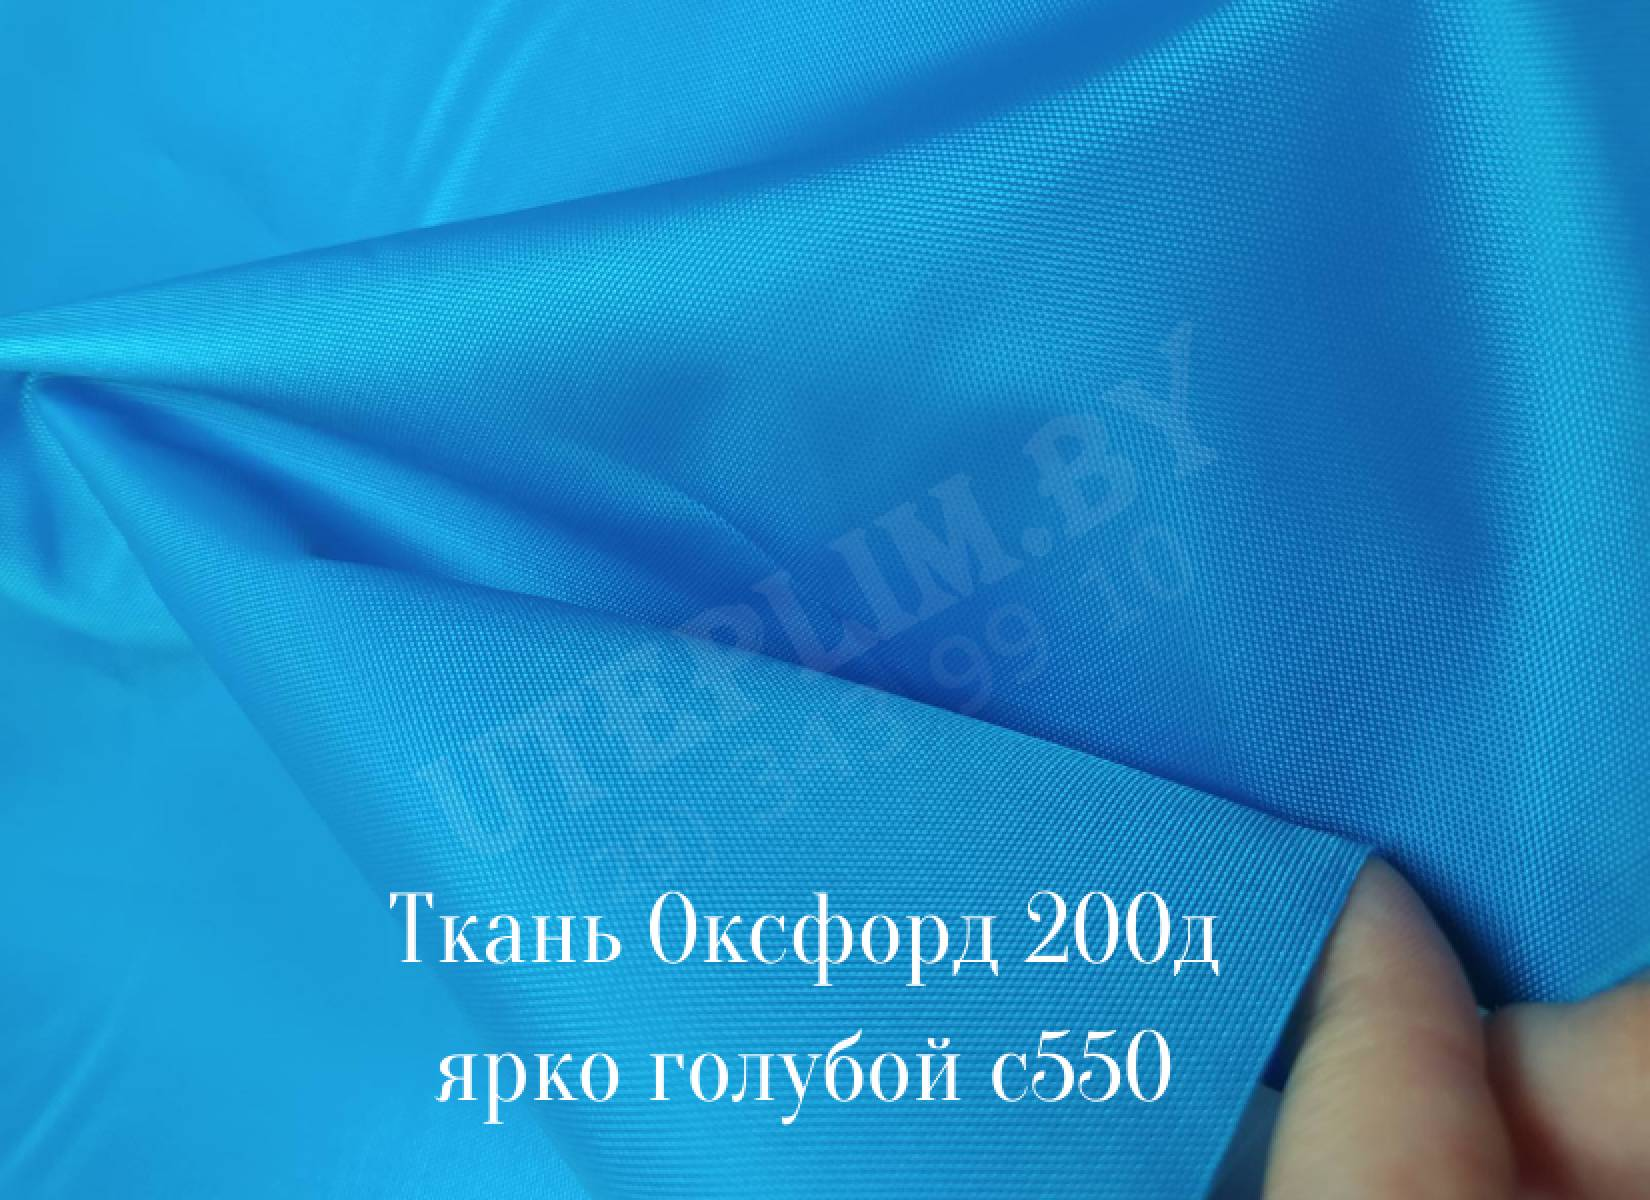 200д - ярко голубой